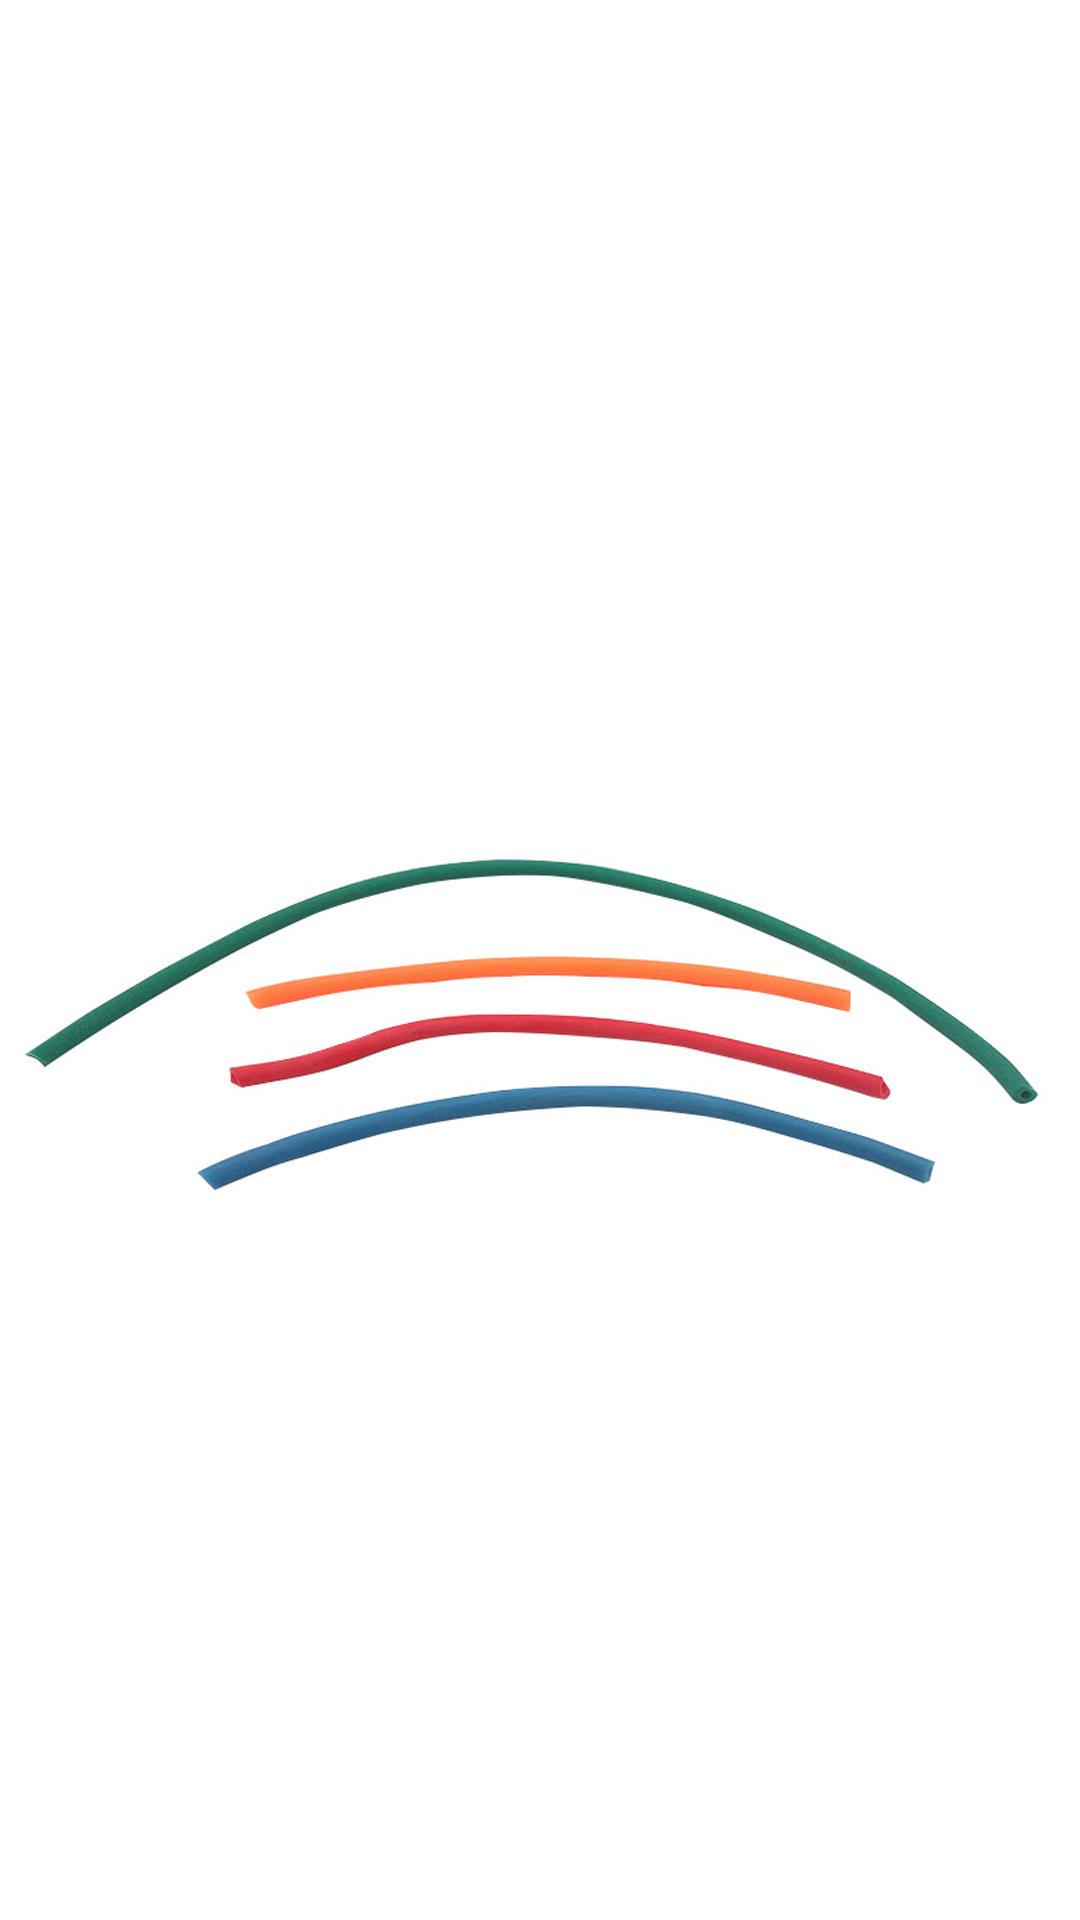 Garrote de látex colorido - 5mm